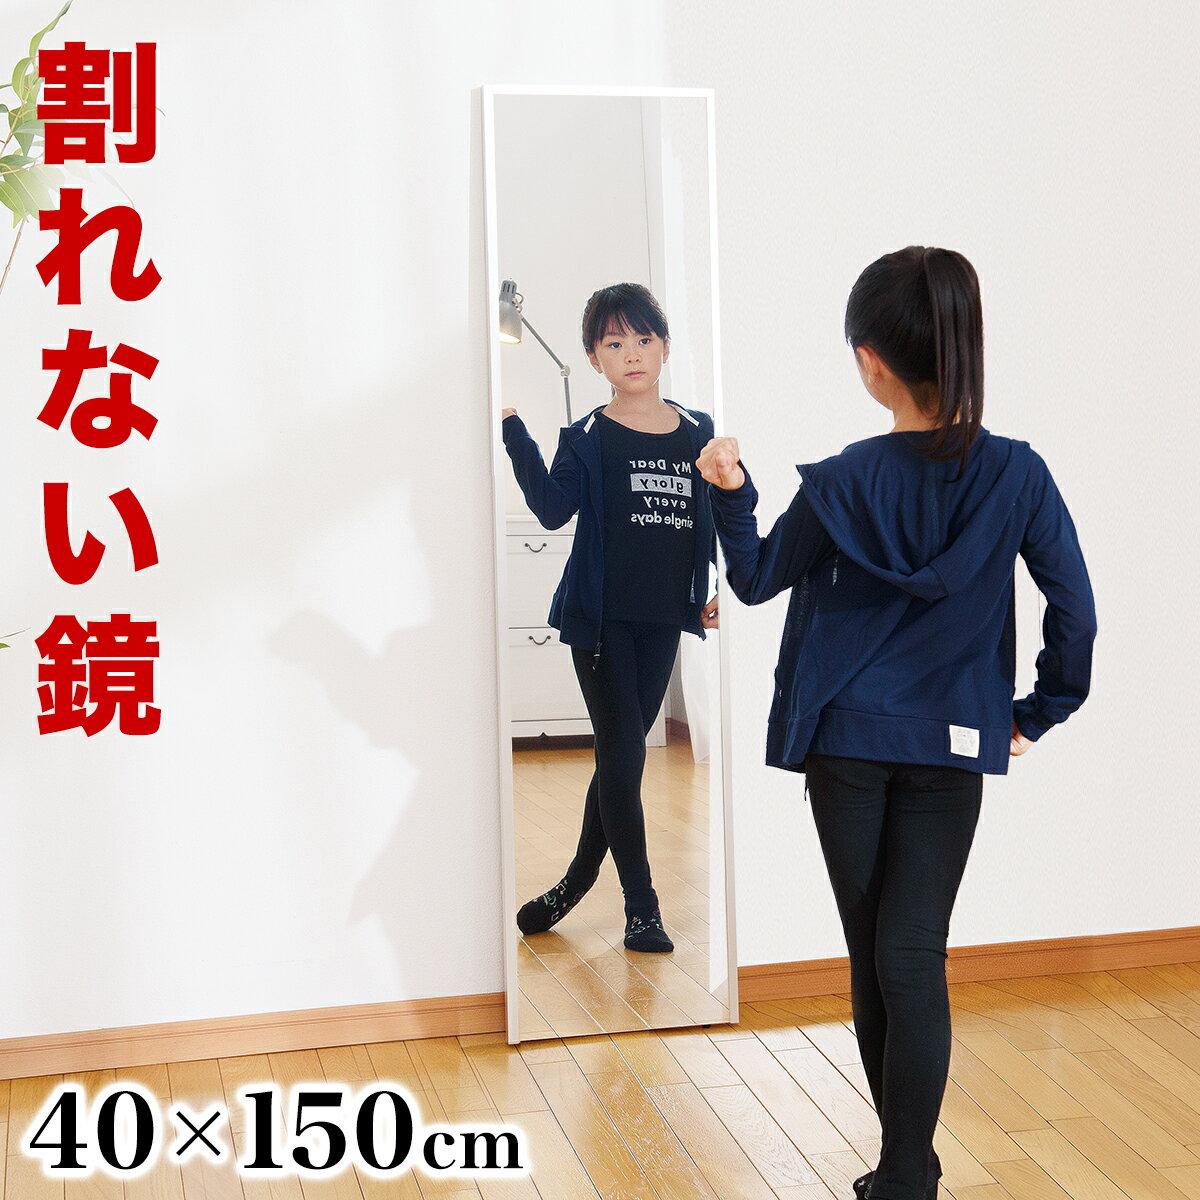 割れない鏡 リフェクスミラー refex ミラー 幅40 高さ150 日本製 鏡 壁掛け 全身 おしゃれ 姿見 ミラー 国産 フィルム 軽量 薄い 軽い 薄型 安全 ロング スリム 大型 吊り式 幅40cm 40×150 みだしなみ 玄関 RM-4